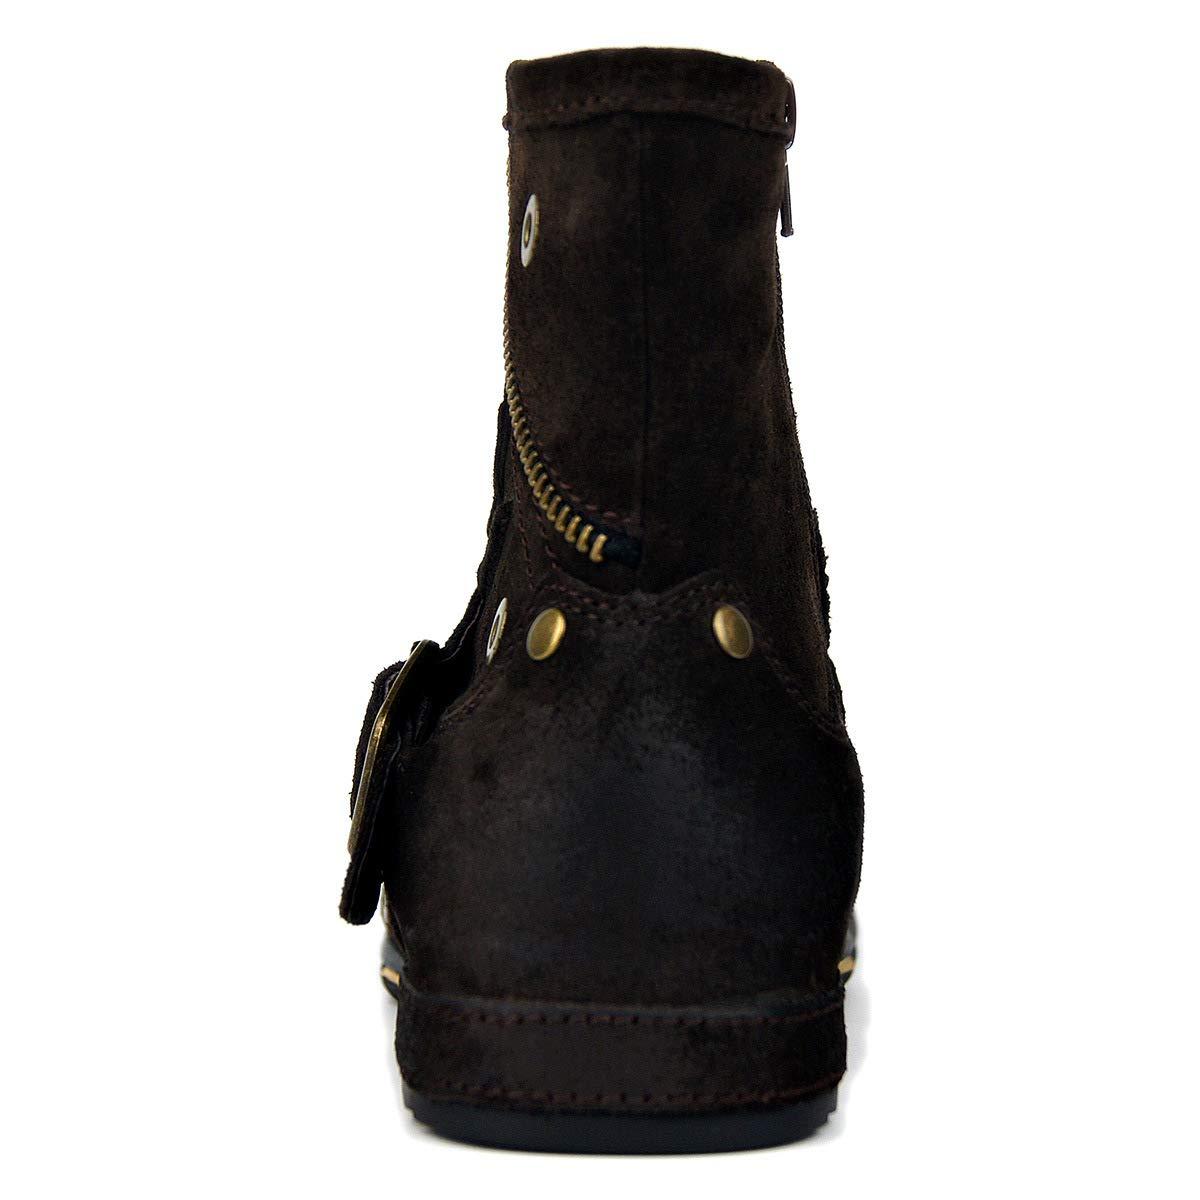 Suetar Suetar Suetar Echtes Leder Chukka Stiefel für Männer Herbst und Winter Mode Zipper-up Stiefeletten Herren Western Freizeitschuhe B07JZV8BB2  792dde